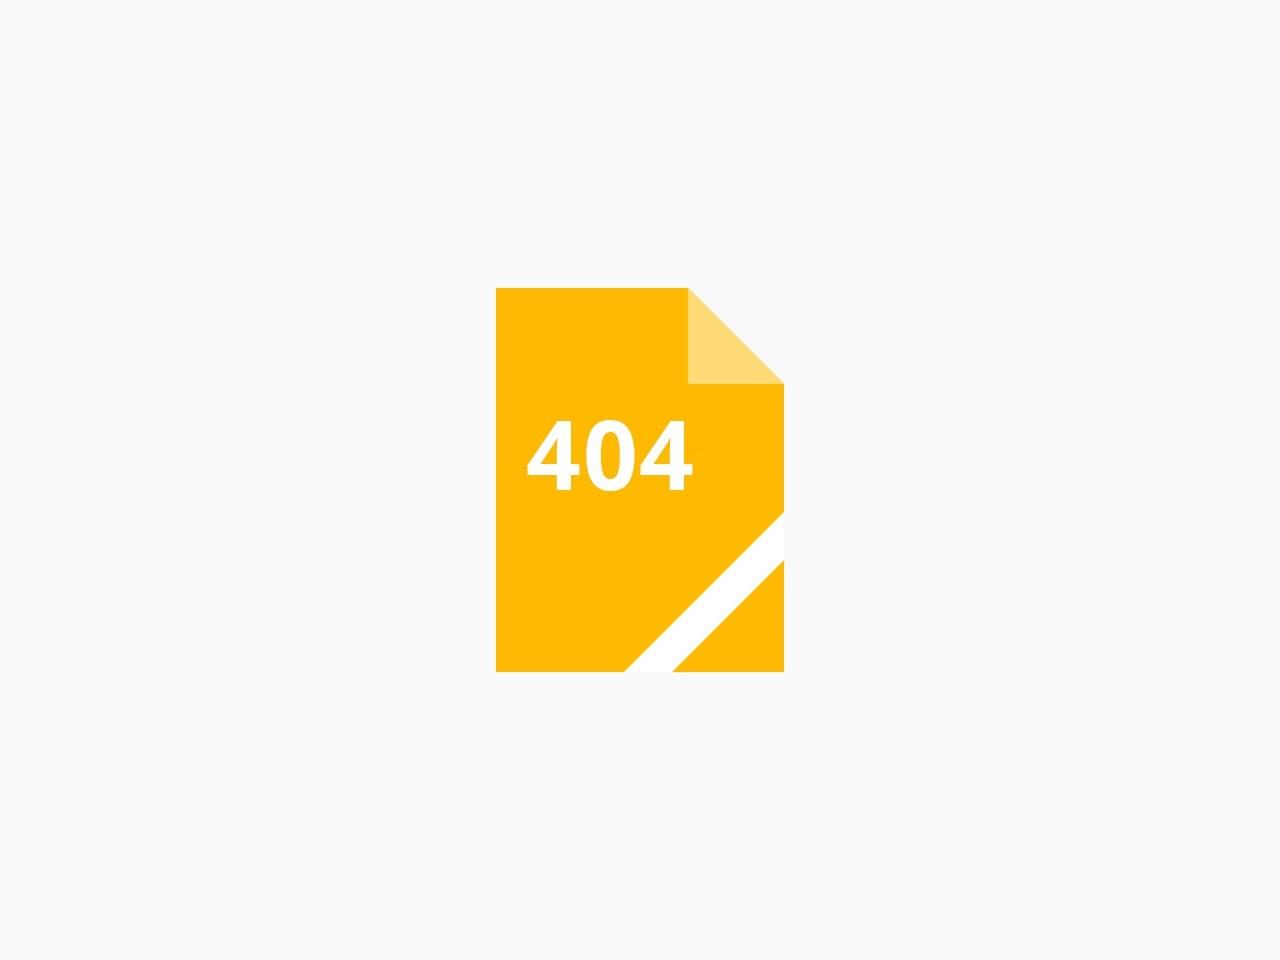 简单百宝箱_免费游戏软件下载_简单百宝箱官网_JDBBX.COM